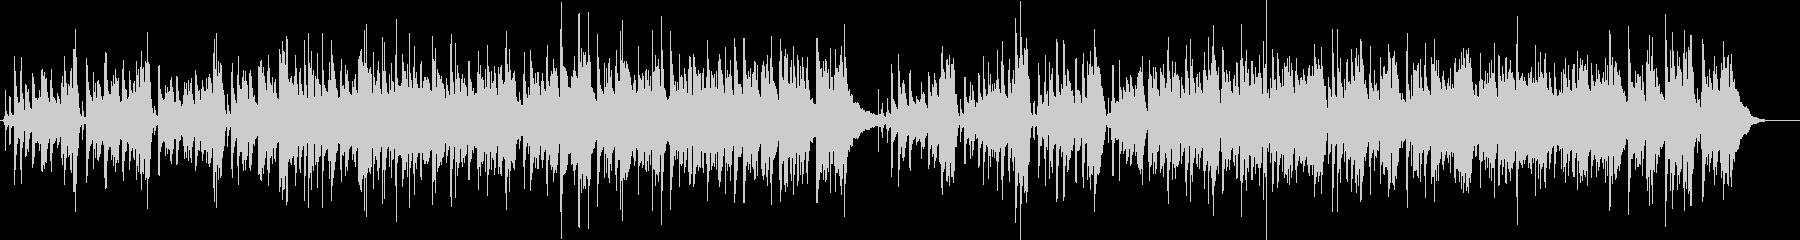 アコギバラード 90's洋楽オルタナUKの未再生の波形